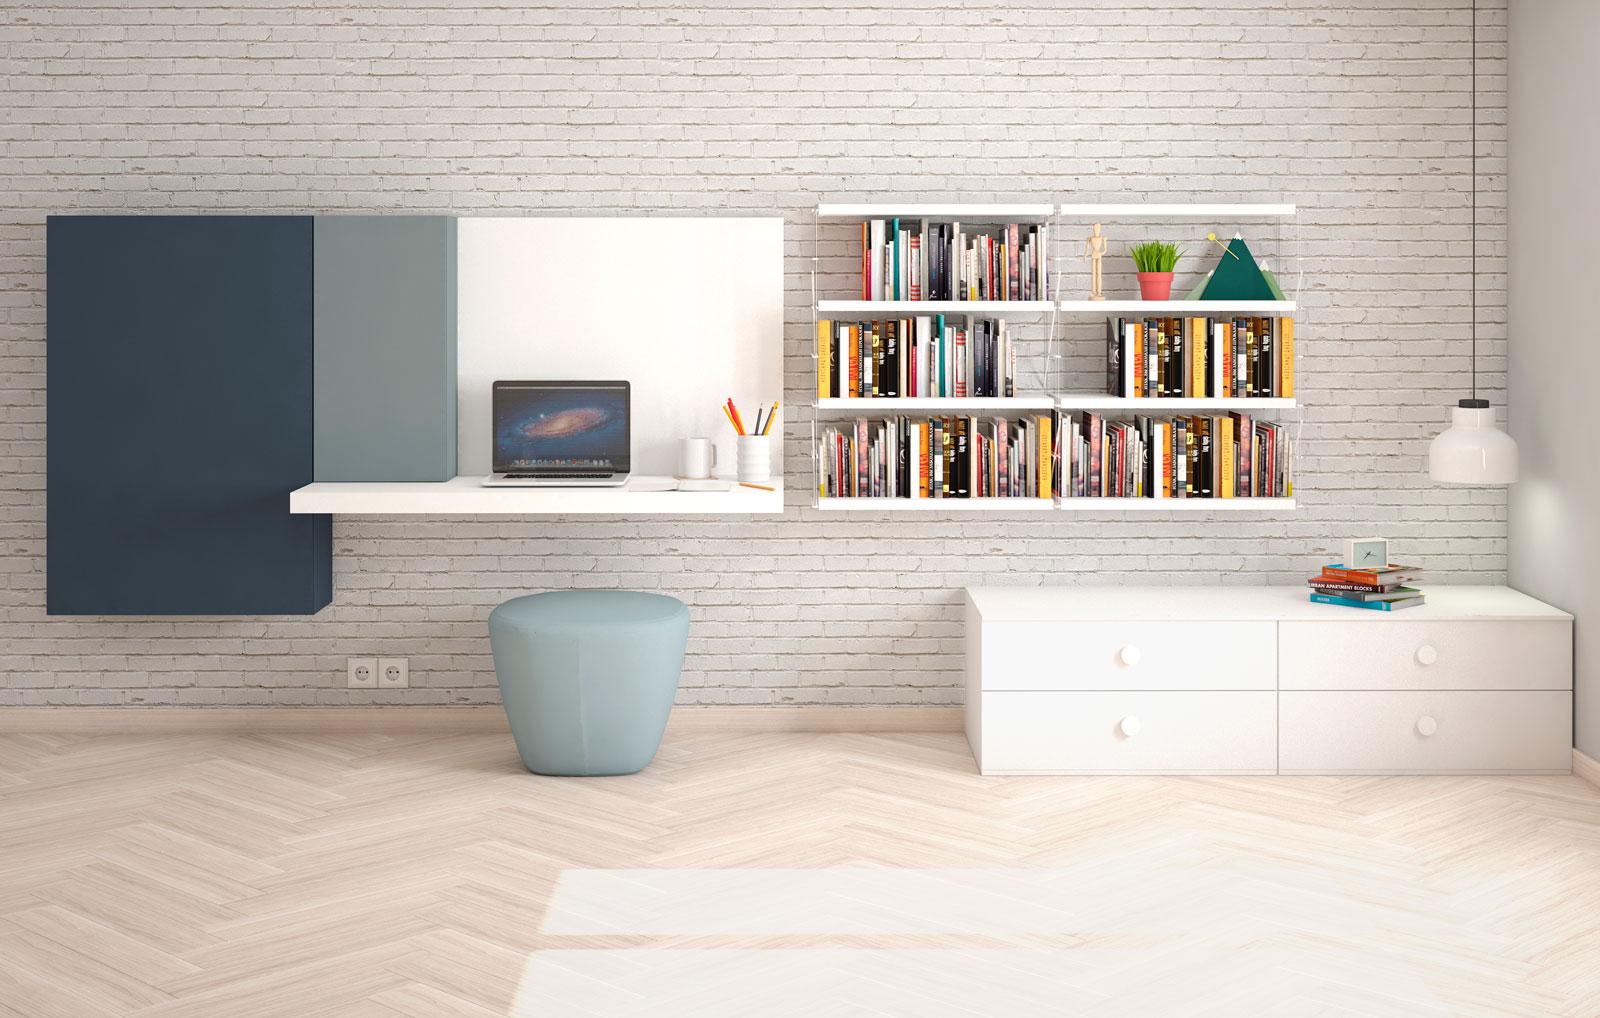 Fábrica de muebles de calidad y diseño. Dormitorios juveniles, armarios, vestidores, zonas de estudio y muebles a medida.